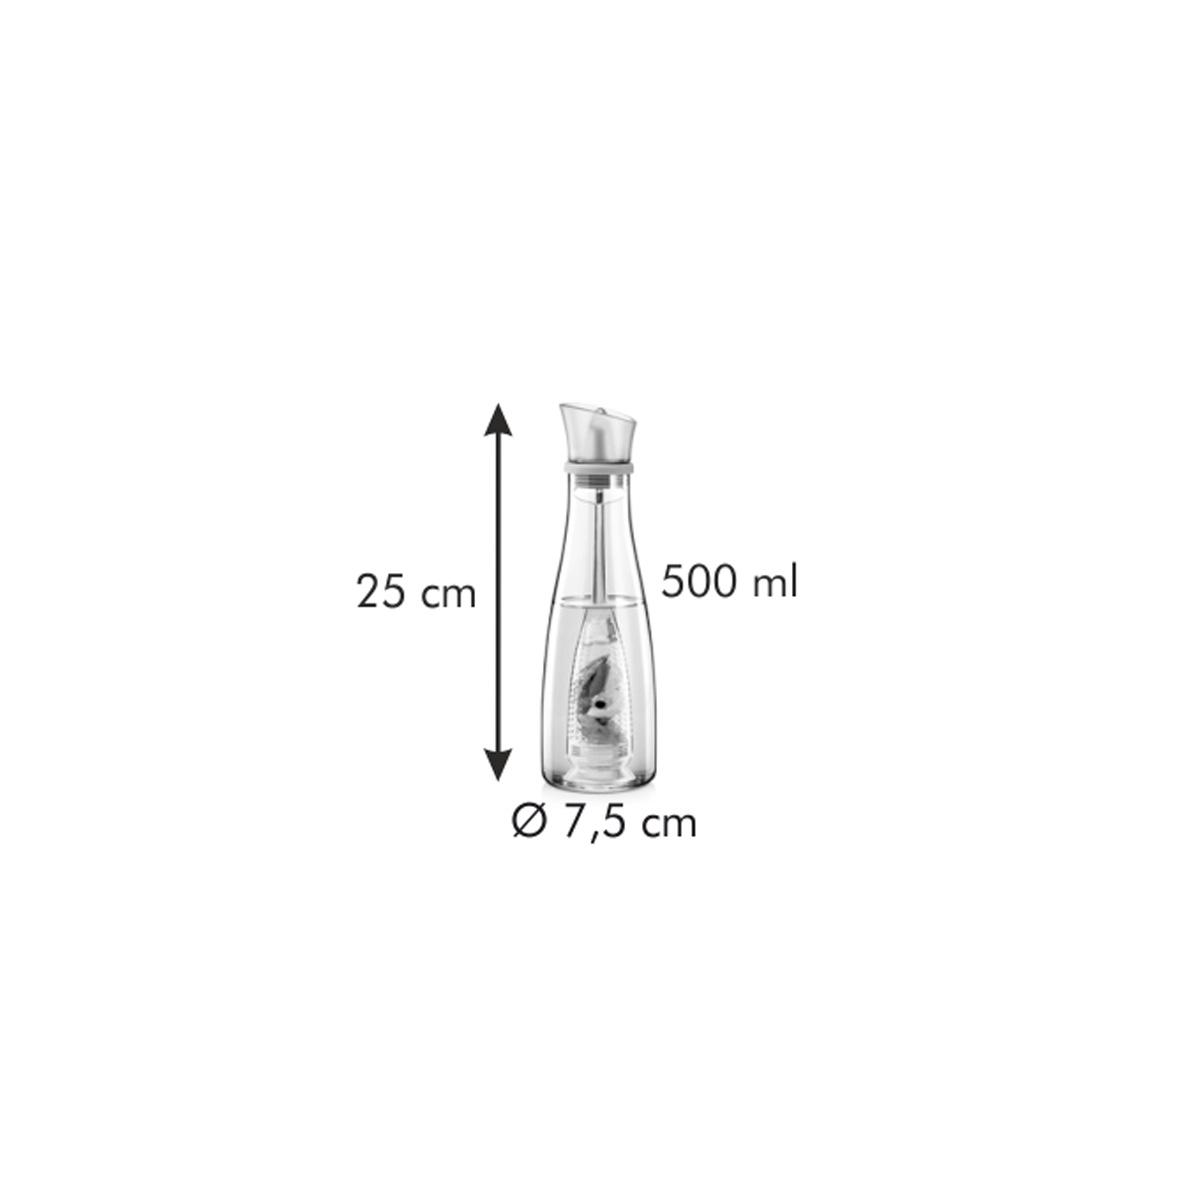 Nádoba na olej VITAMINO 500 ml, s vyluhovacím sítkem